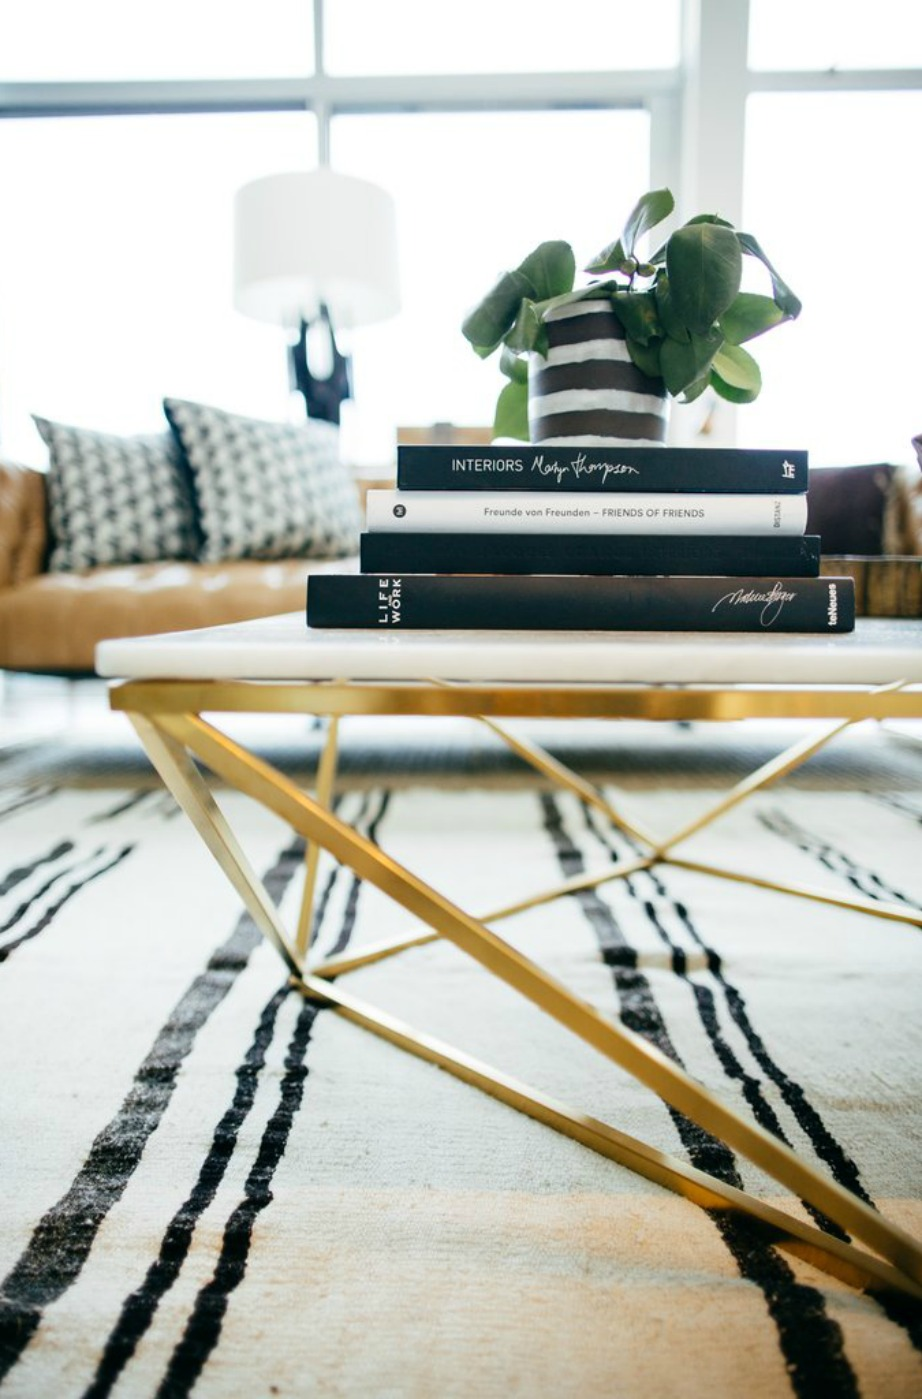 Τα ελαφριά τραπέζια με λεπτά ξύλινα ή μεταλλικά πόδια είναι η καλύτερη επιλογή για ένα σκοτεινό σαλόνι.